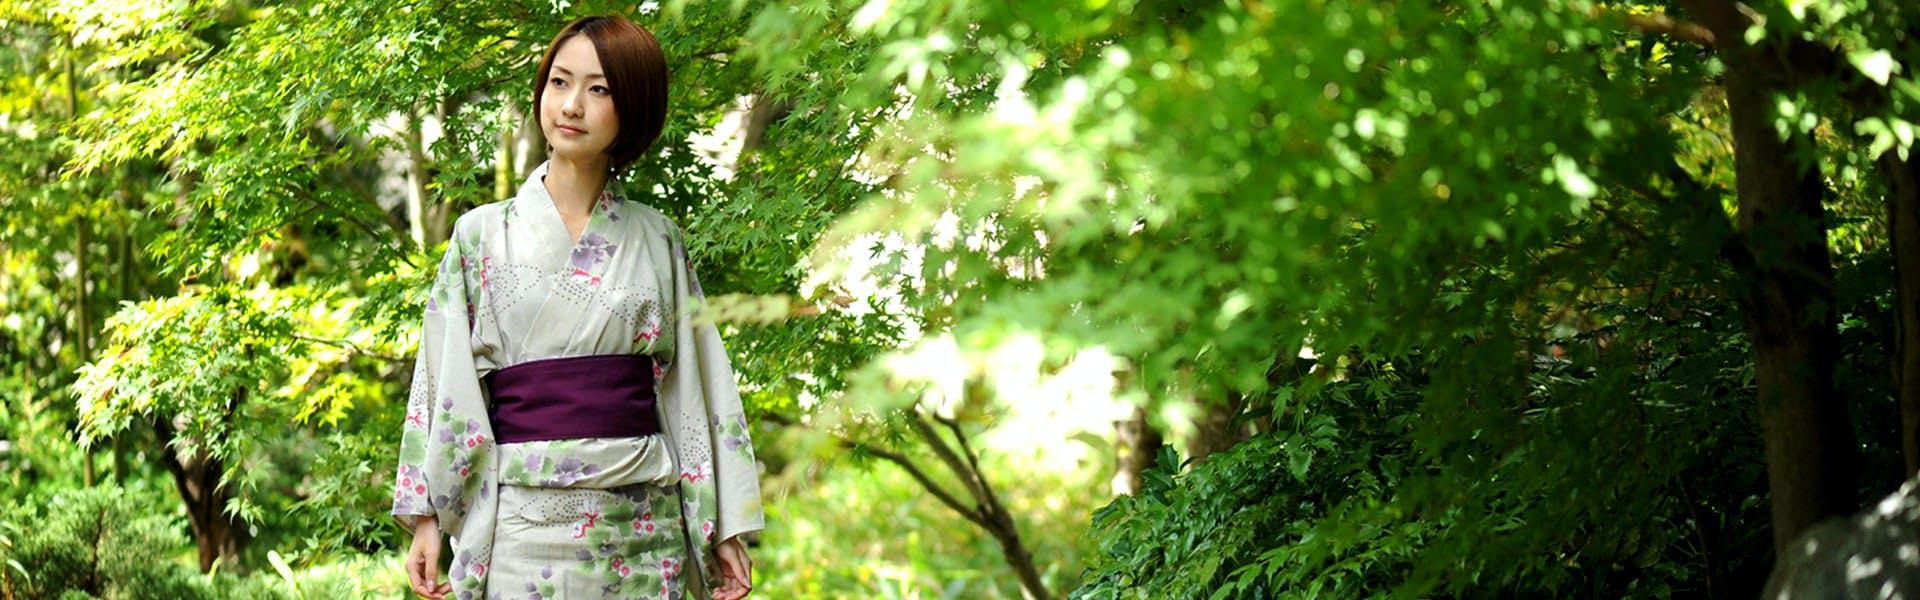 記念日におすすめのホテル・下呂温泉 こころをなでる静寂 みやこの写真1